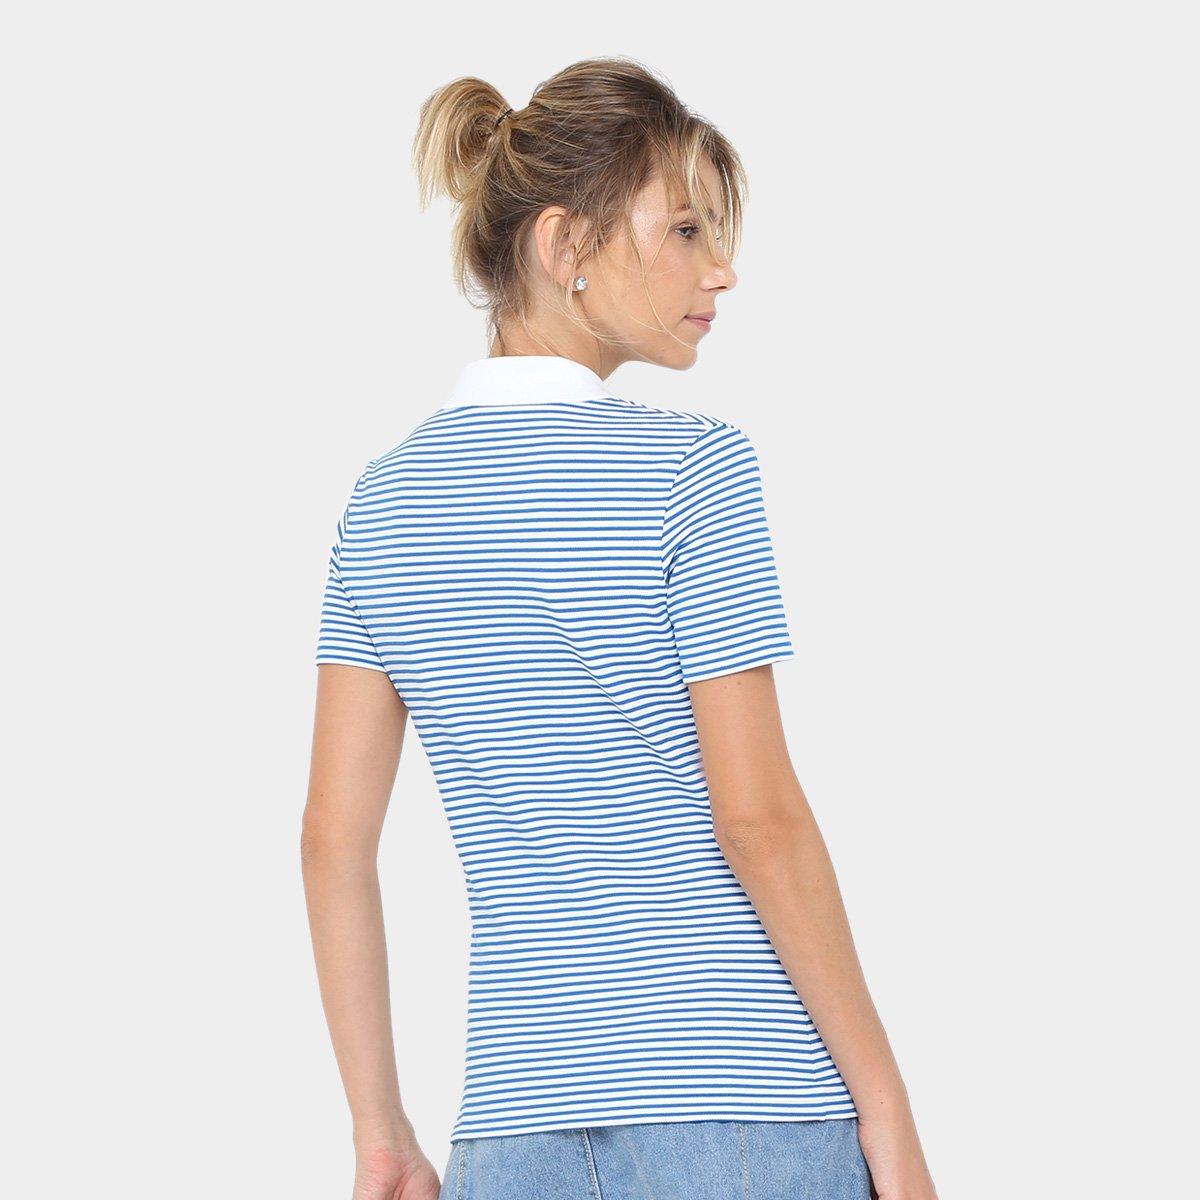 Camisa Polo Lacoste Listrada Feminina  Camisa Polo Lacoste Listrada  Feminina ... b0e44e1122cd3